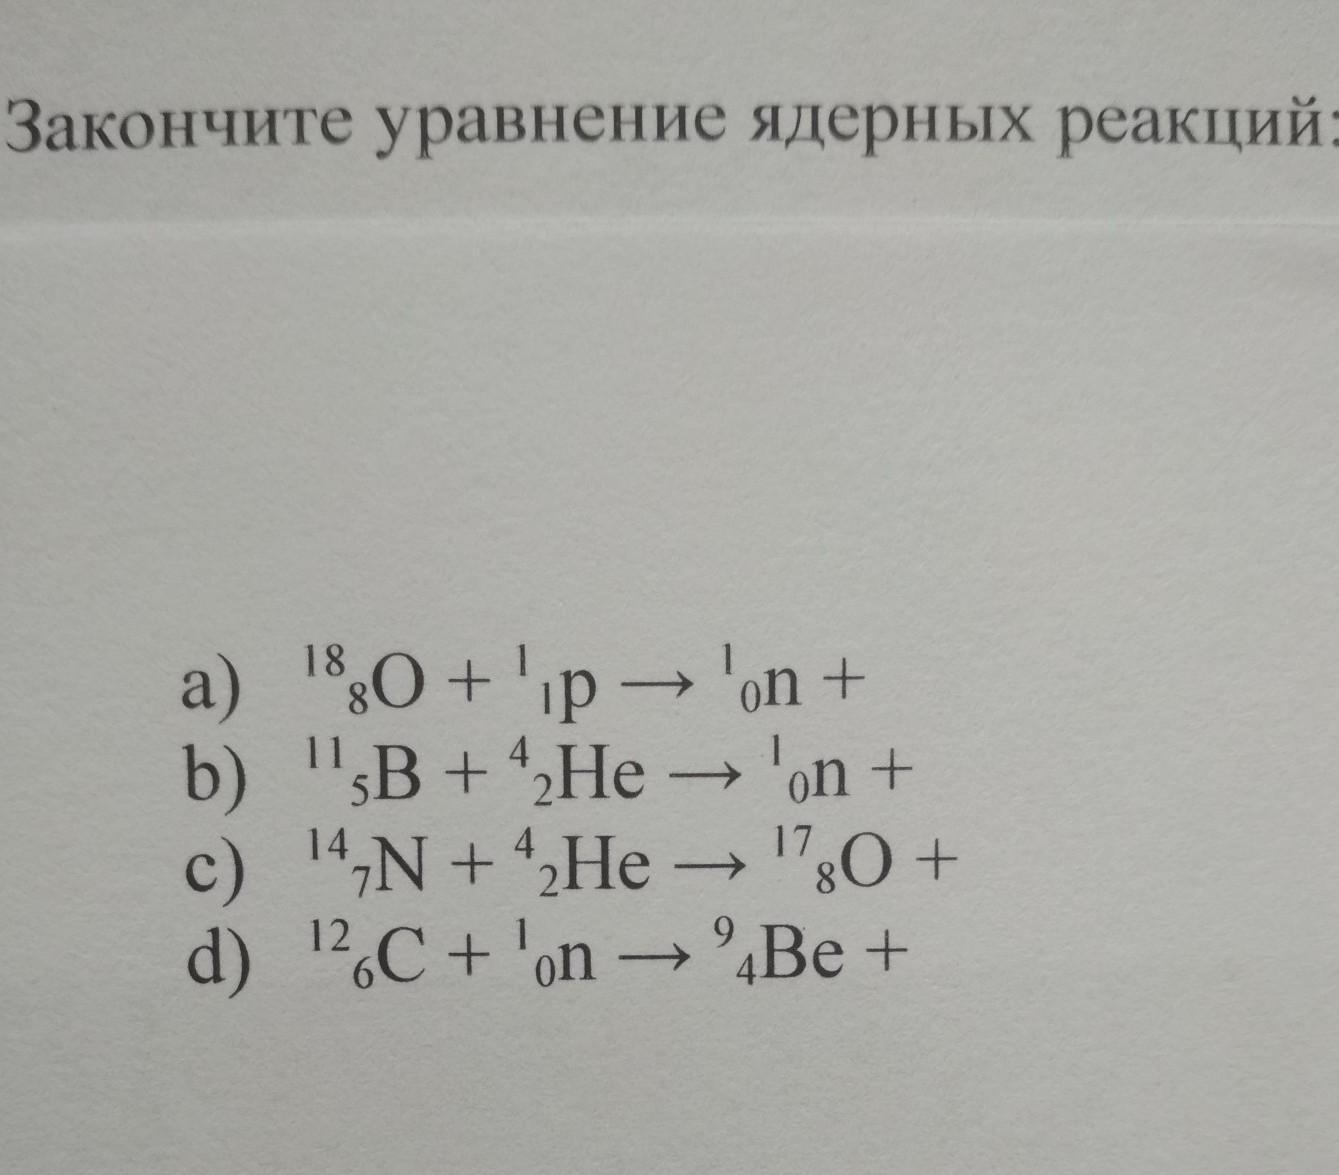 Пожалуйста, помогите с физикой:) 